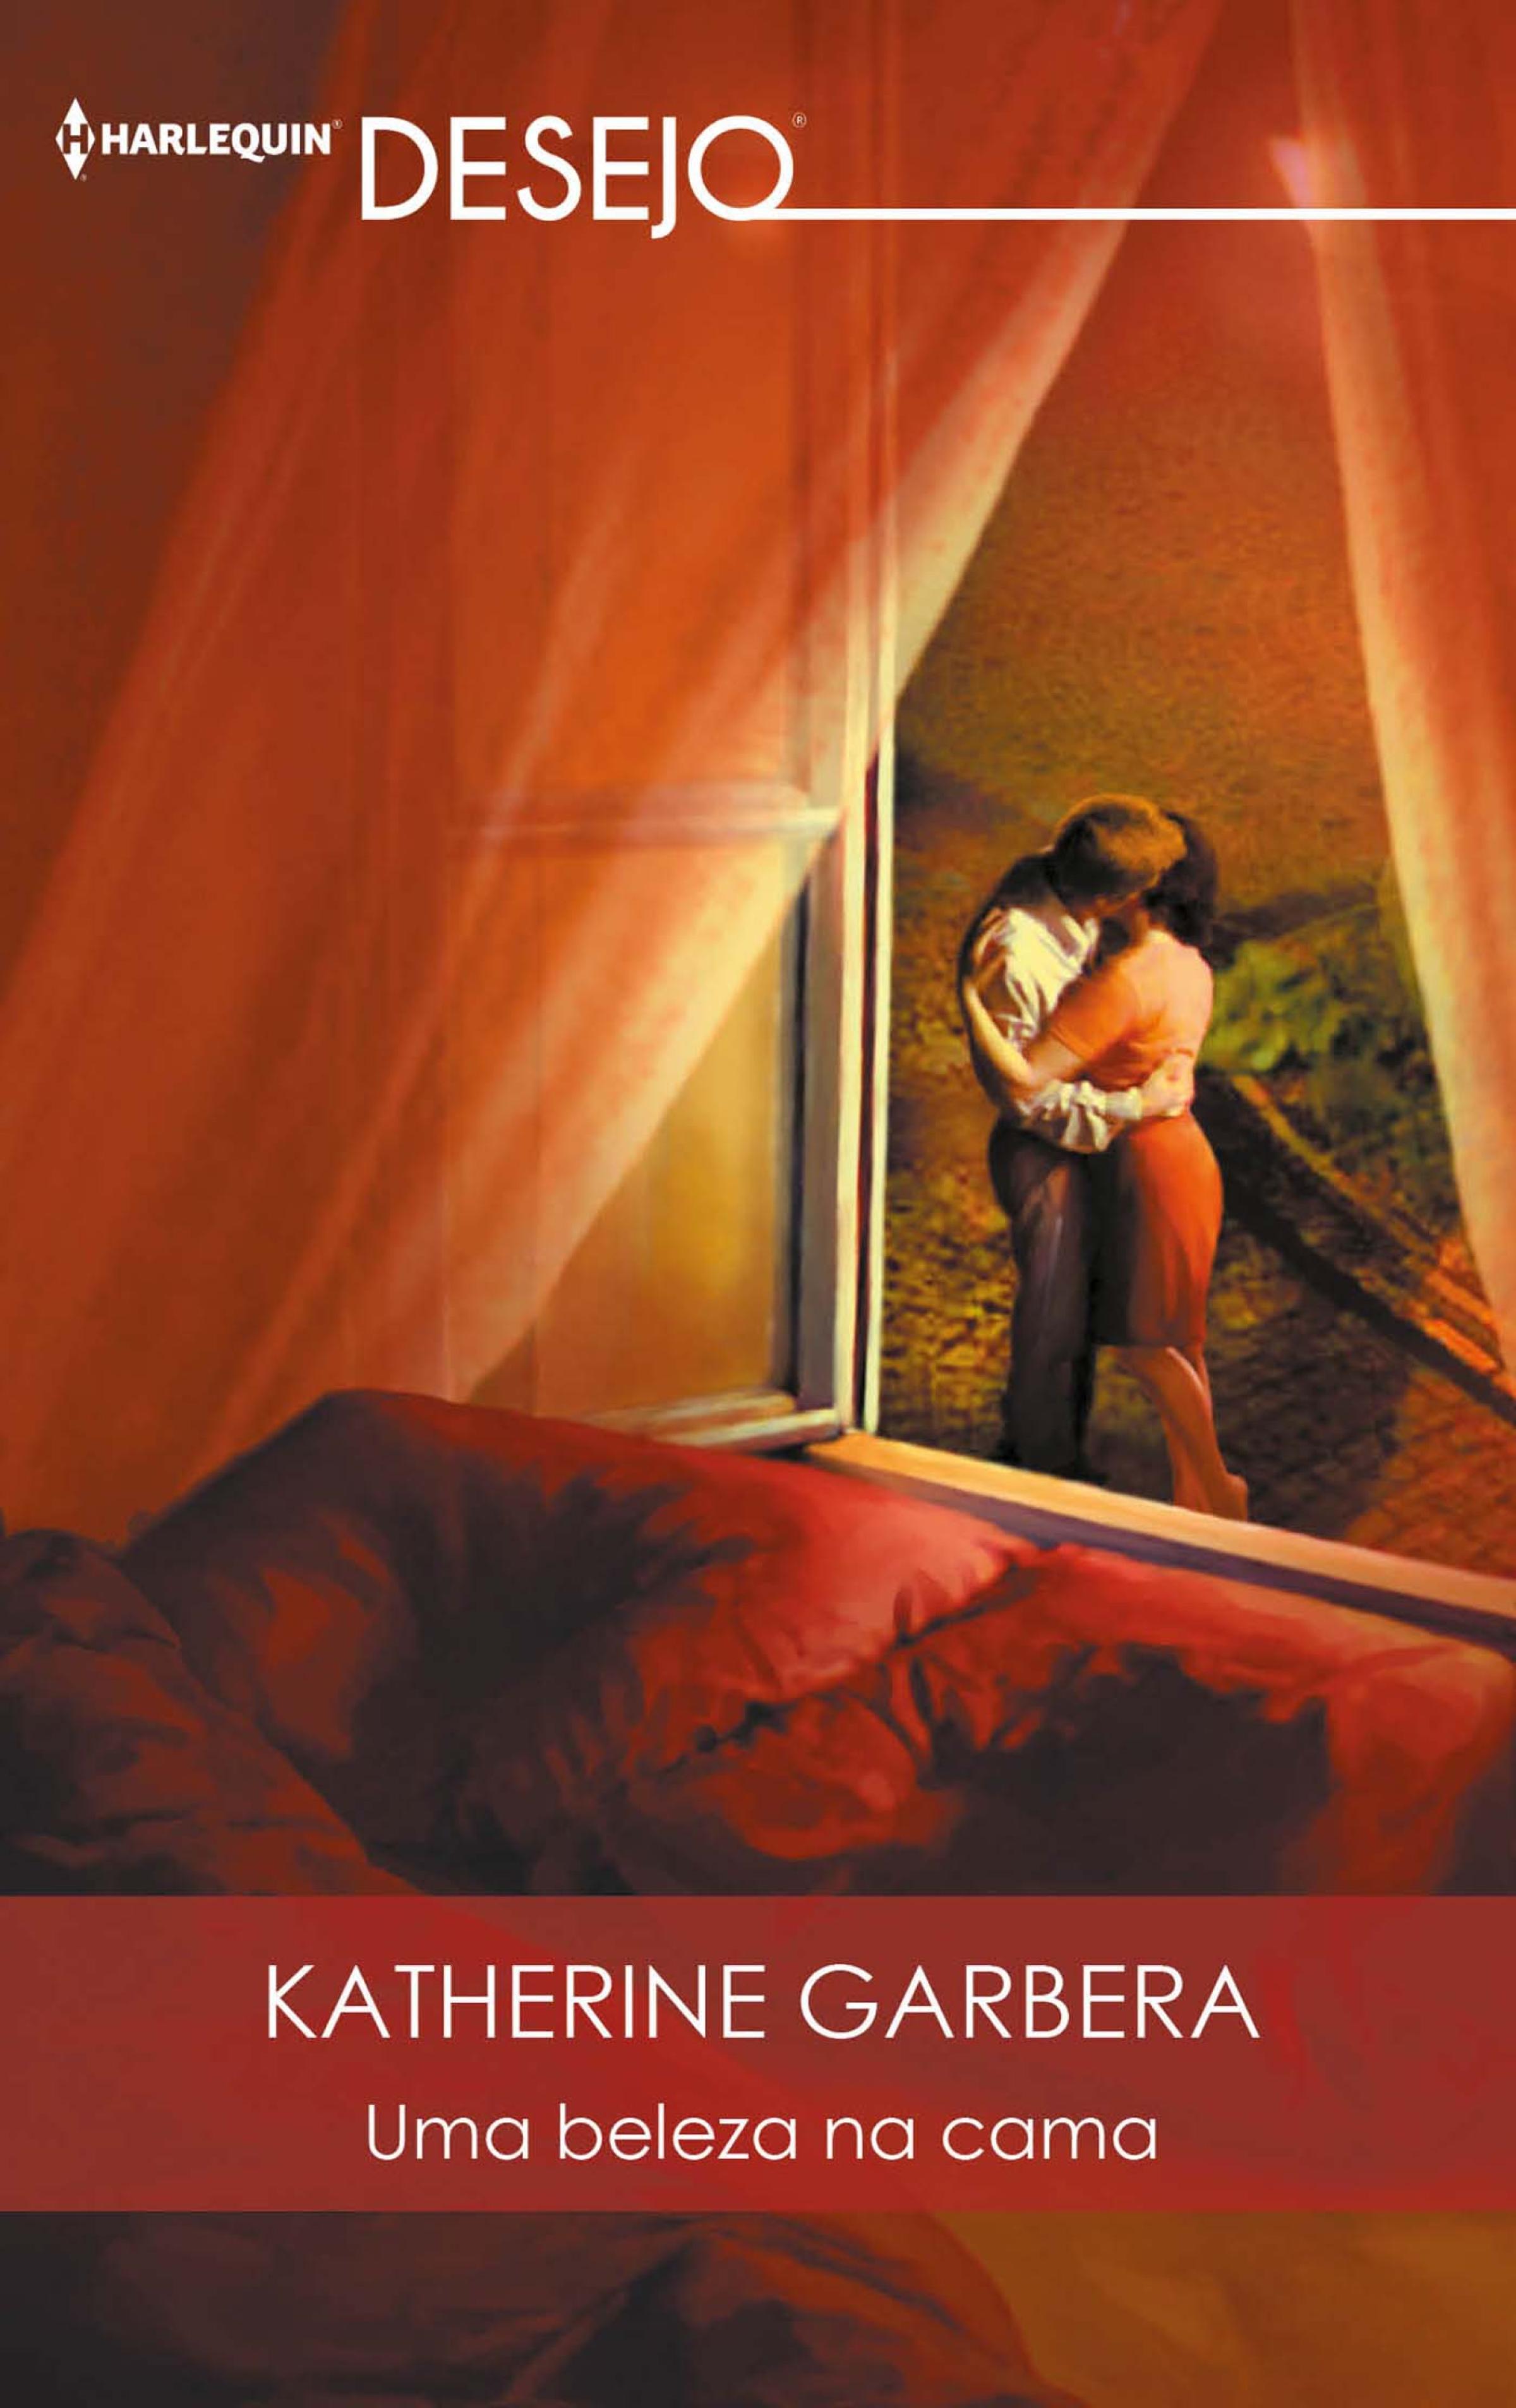 Uma beleza na cama ( Katherine Garbera  )